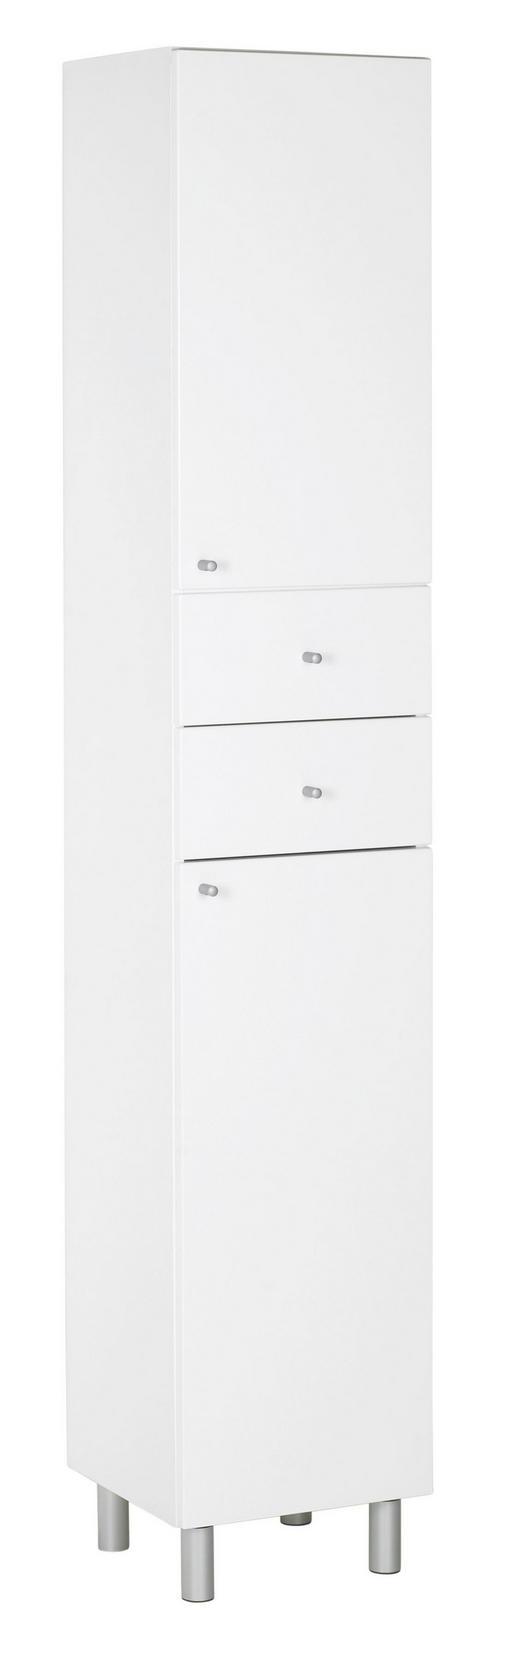 HOCHSCHRANK 35/186/33 cm - Silberfarben/Weiß, KONVENTIONELL, Holz/Holzwerkstoff (35/186/33cm) - Xora